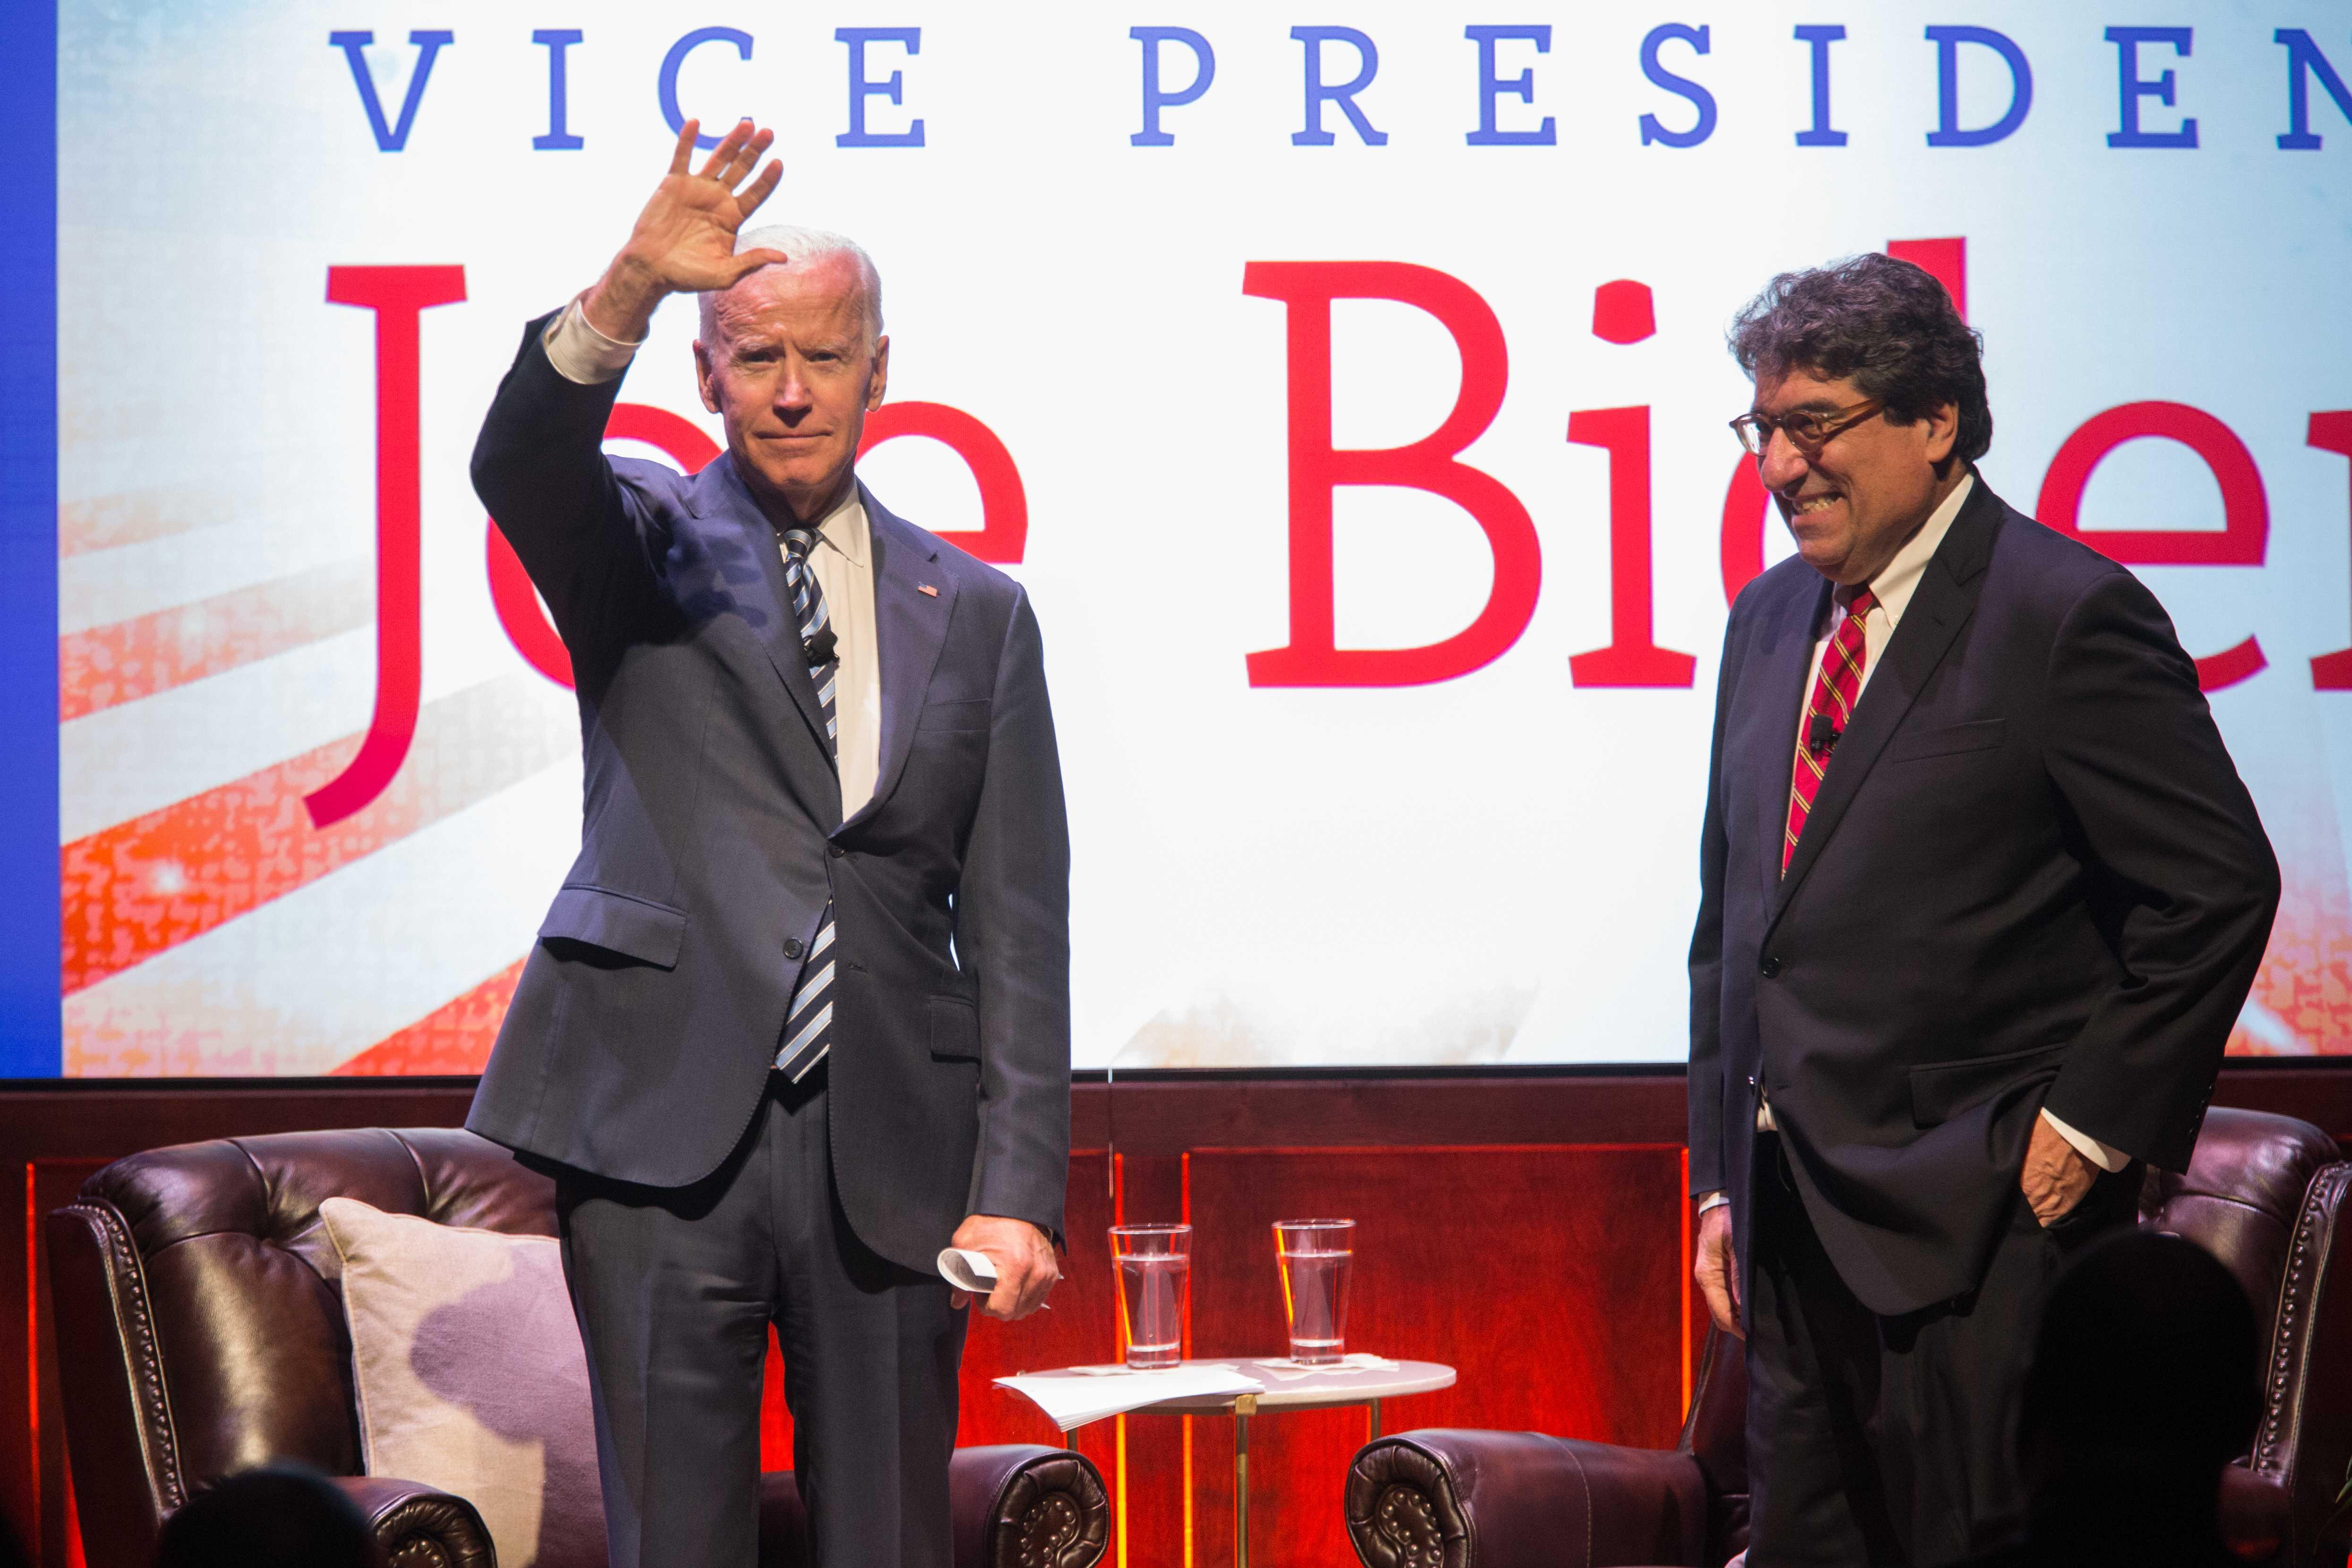 Former Vice President Joe Biden speaks at Vanderbilt on Tuesday, Aptil 10, 2018. (Photo by Claire Barnett)